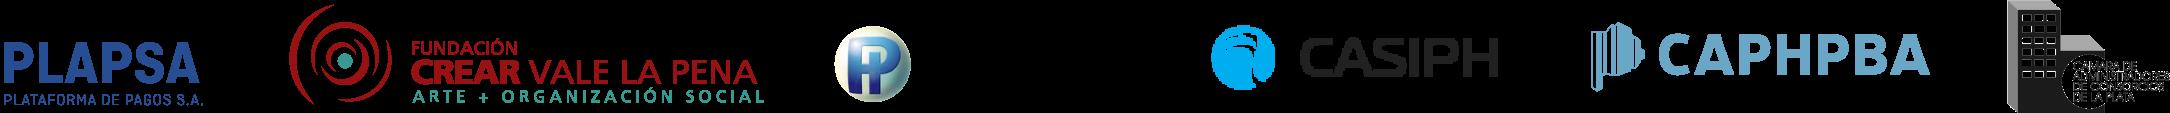 PLAPSA - Crear vale la pena - CAPHyAI - CAPHBA - CASIPH